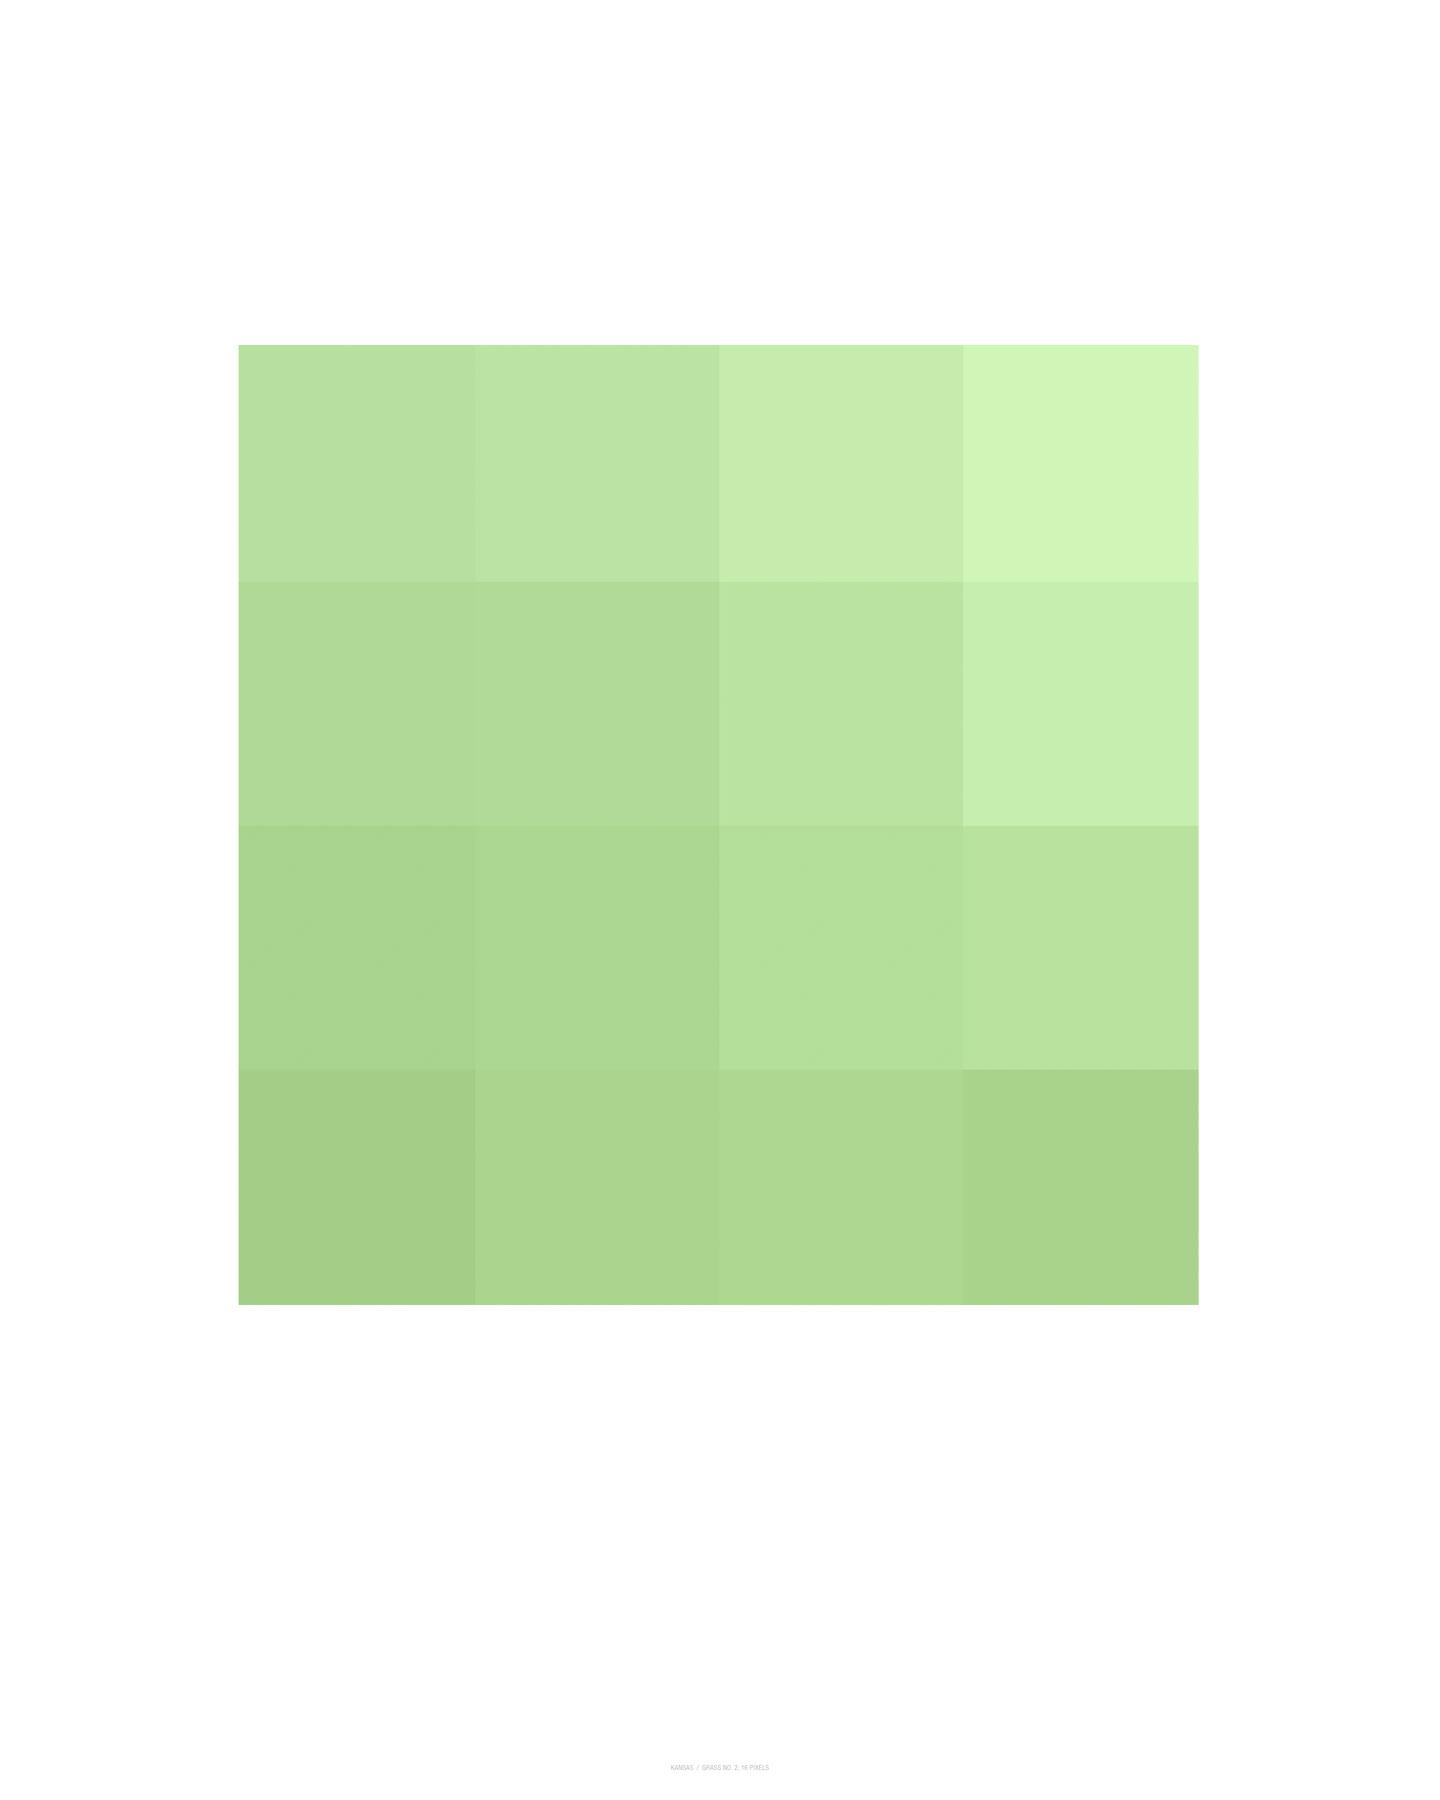 Grass No. 2, 16 Pixels